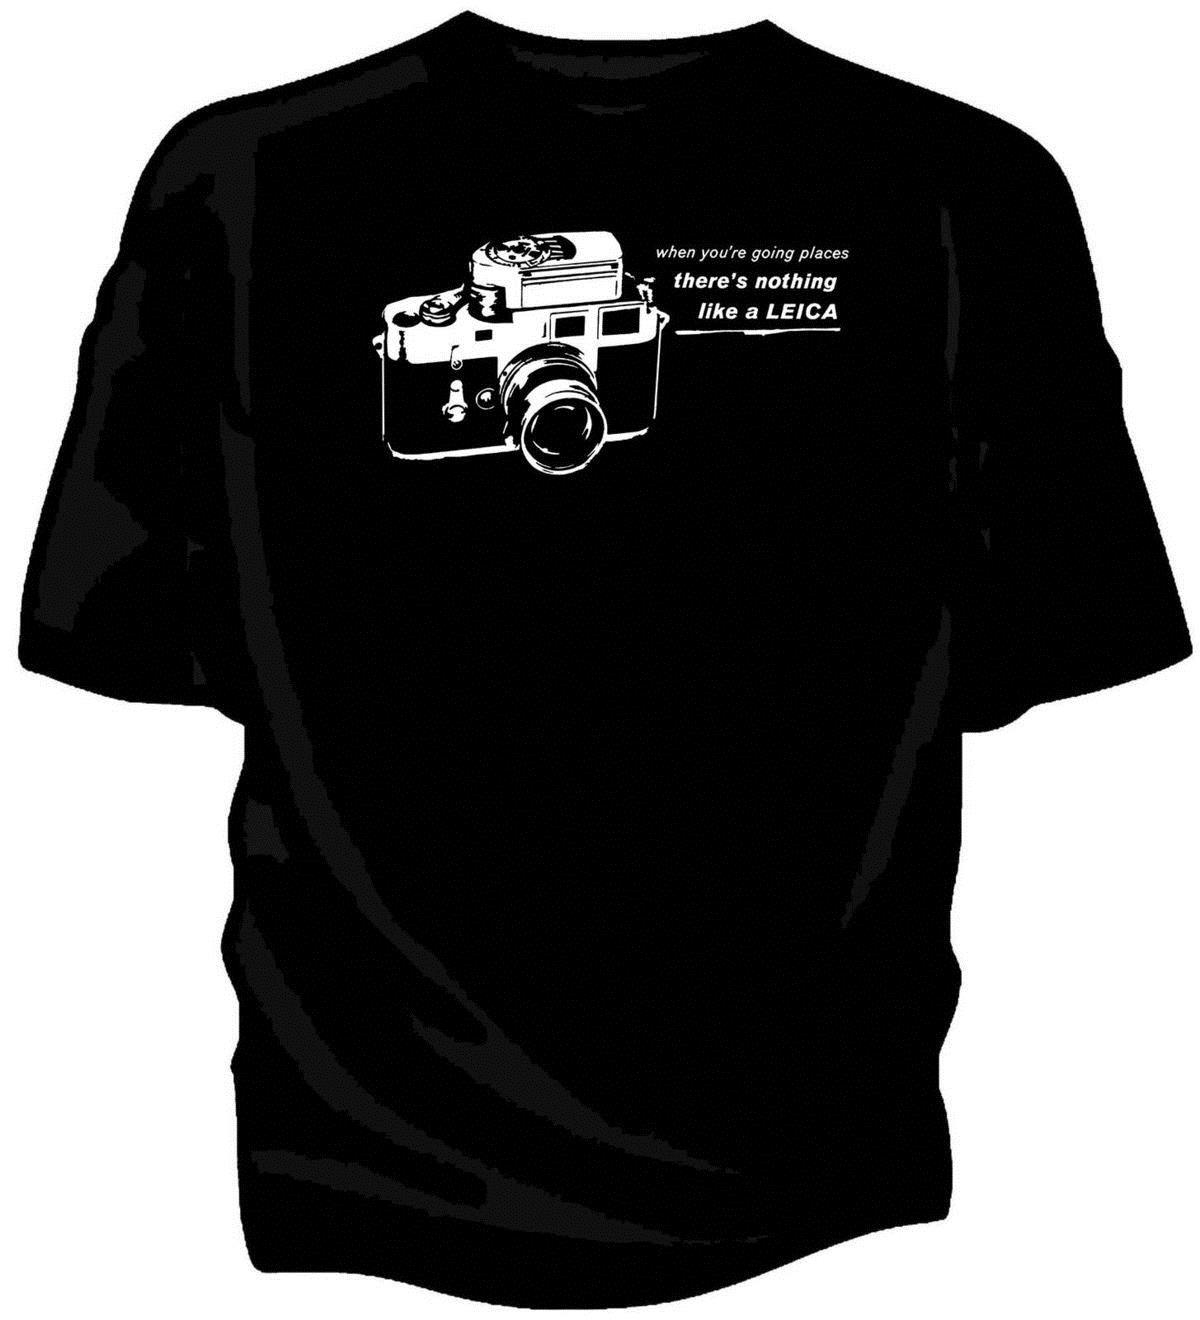 Leica T-shirt Classique Toutes Tailles # Noir